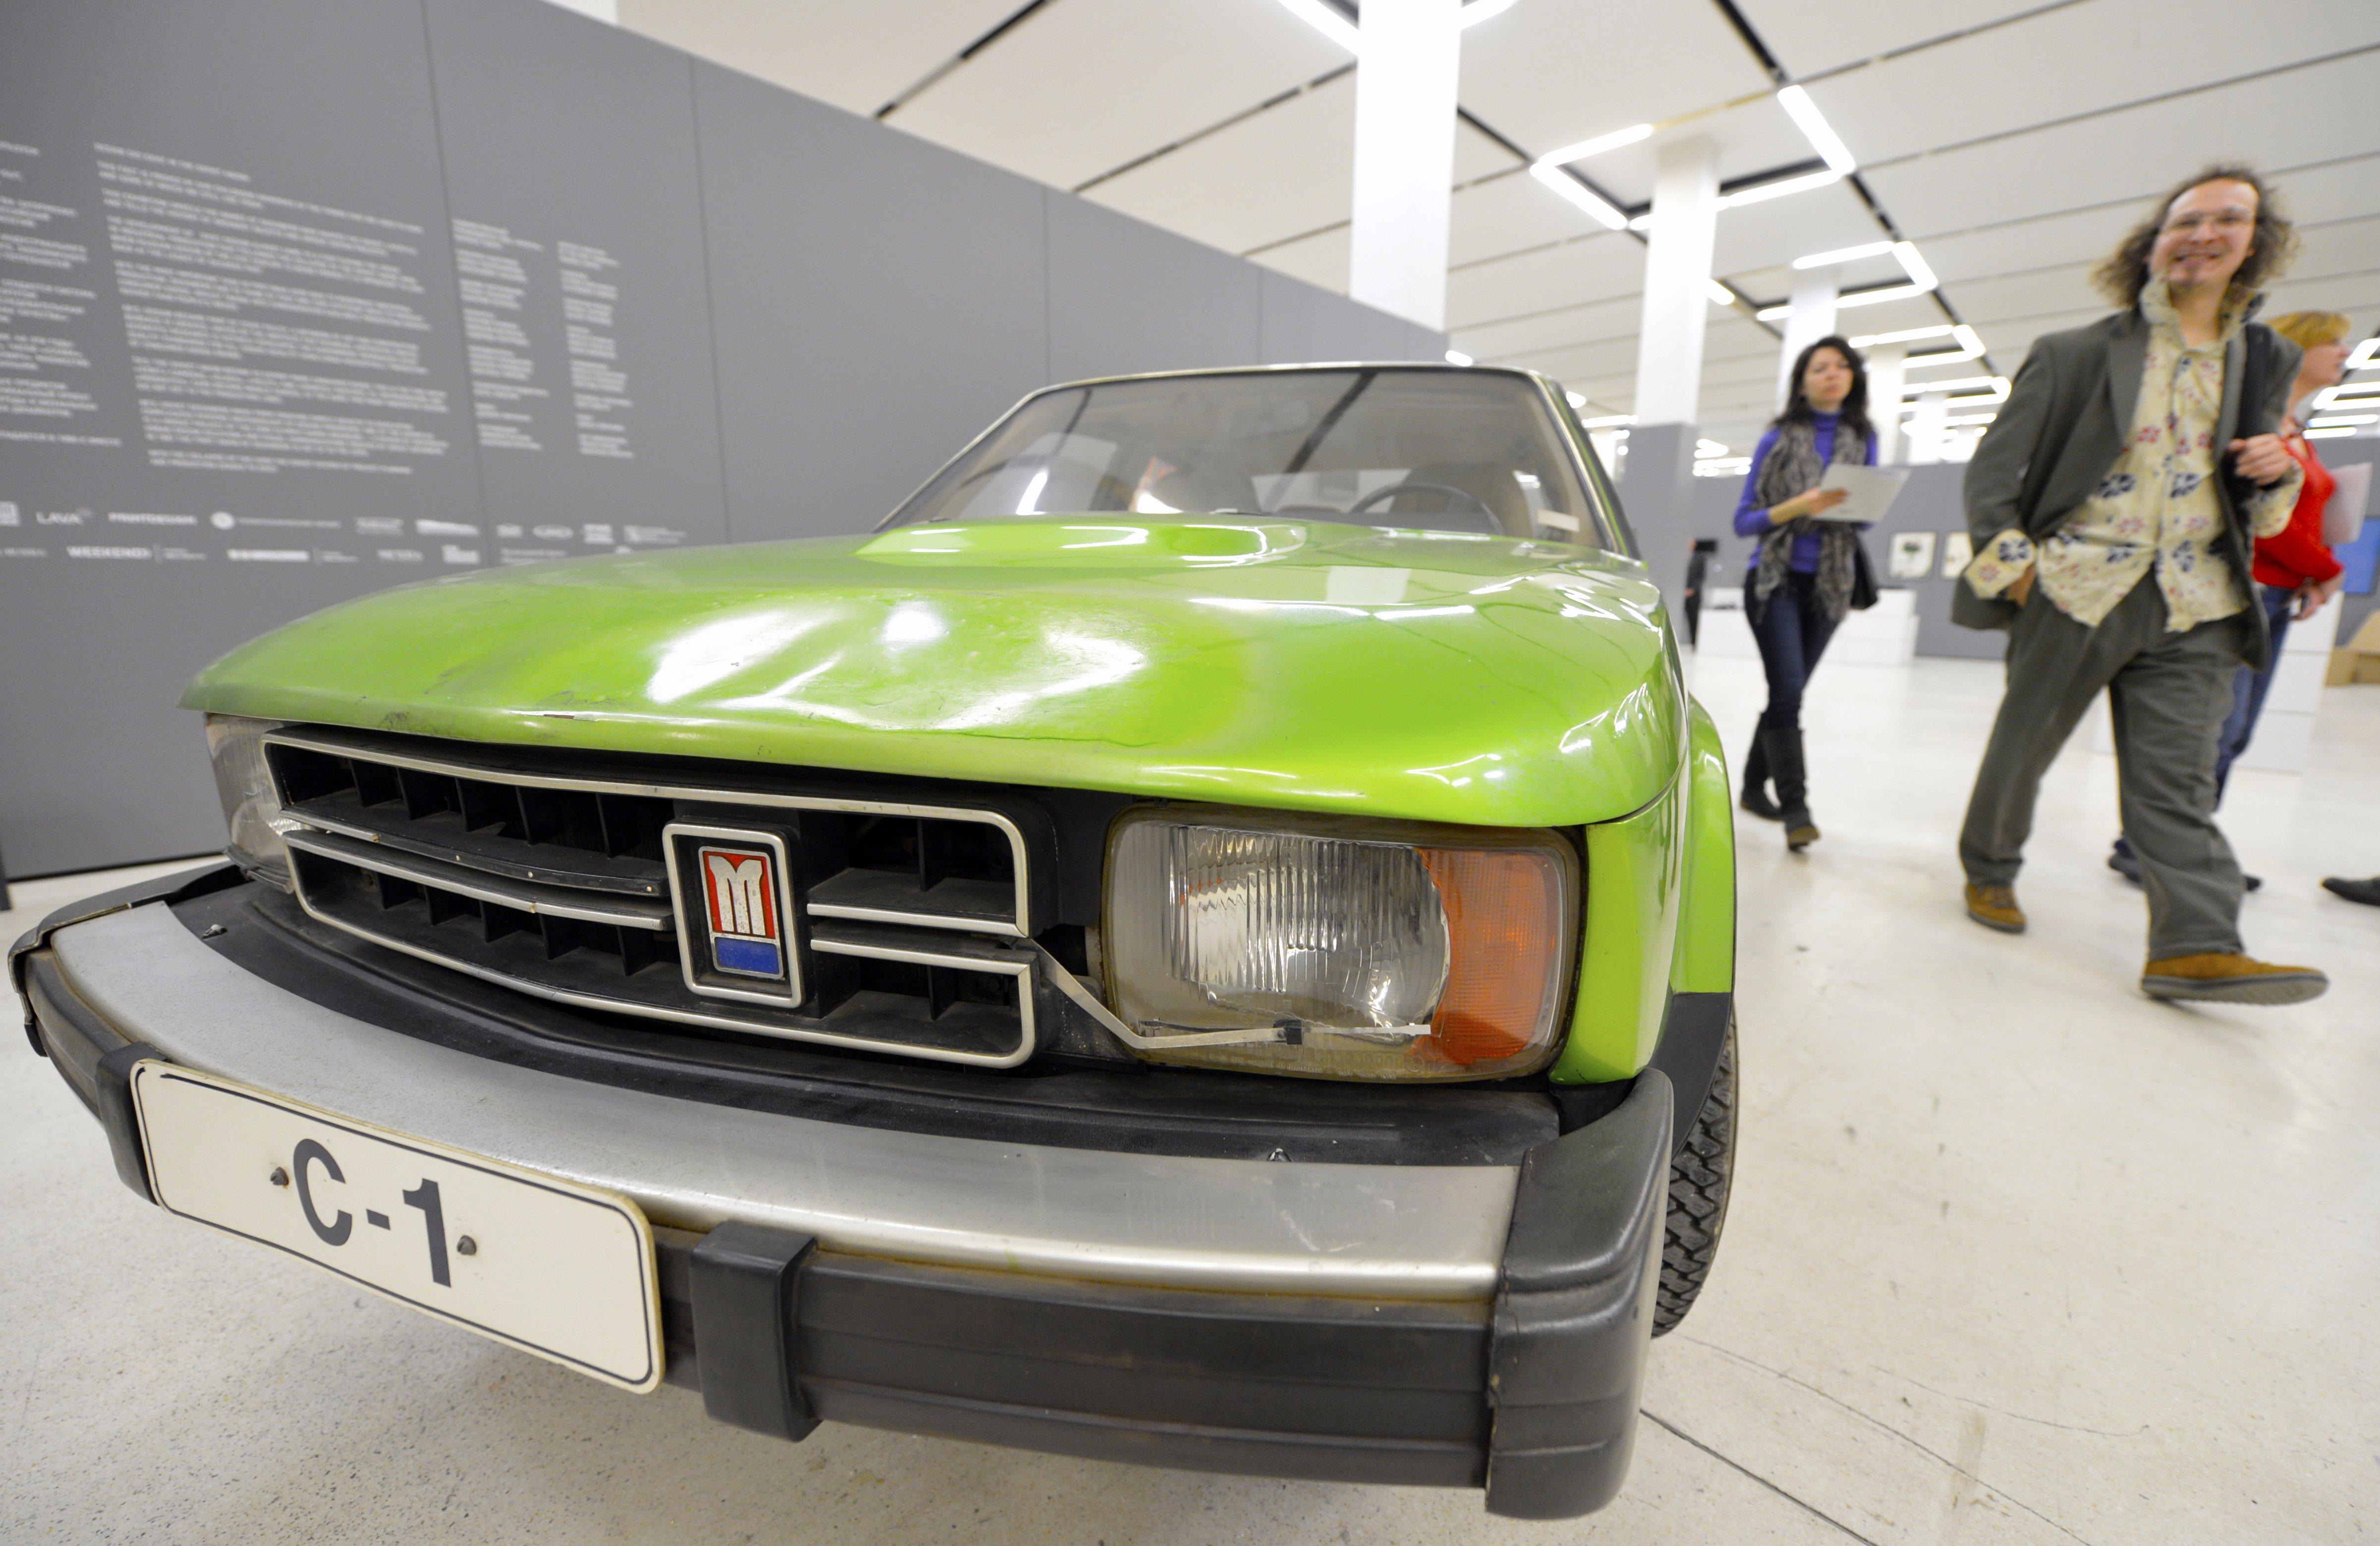 Музеи дизайна и визуальной культуры обосновались в Манеже